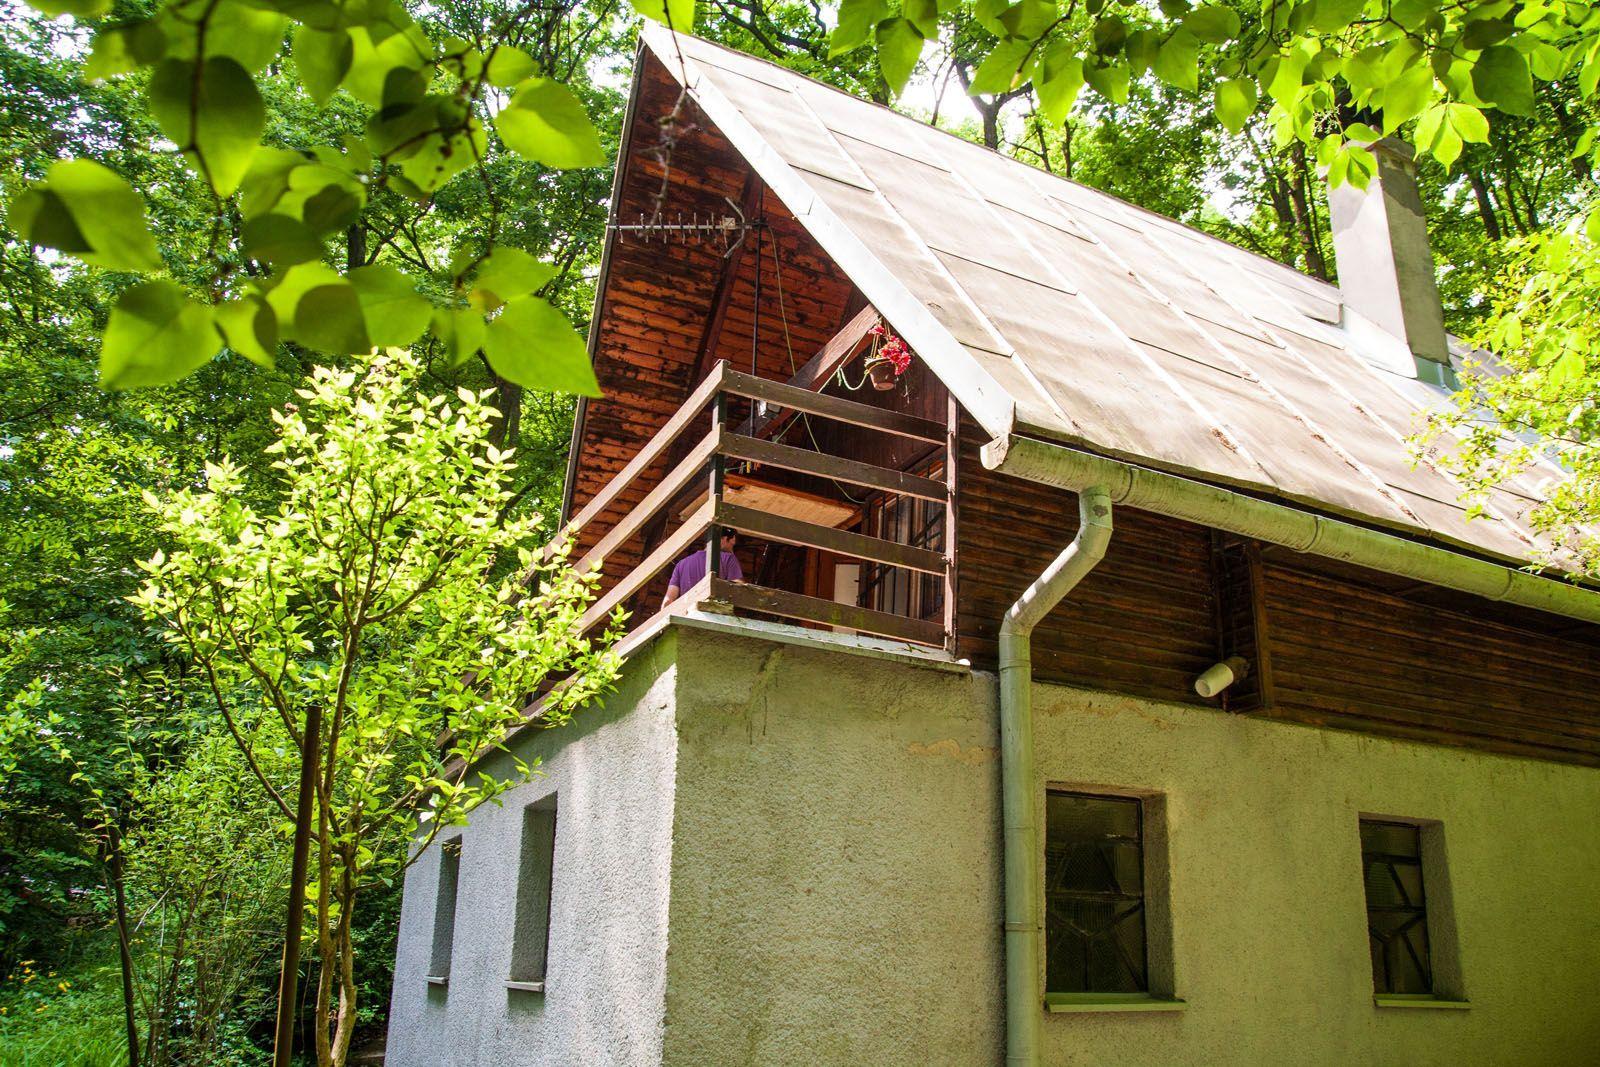 Areté real - Predaj rekreačnej chaty v krásnom lesnom prostredí v Pezinku, Kučišdorfská dolina